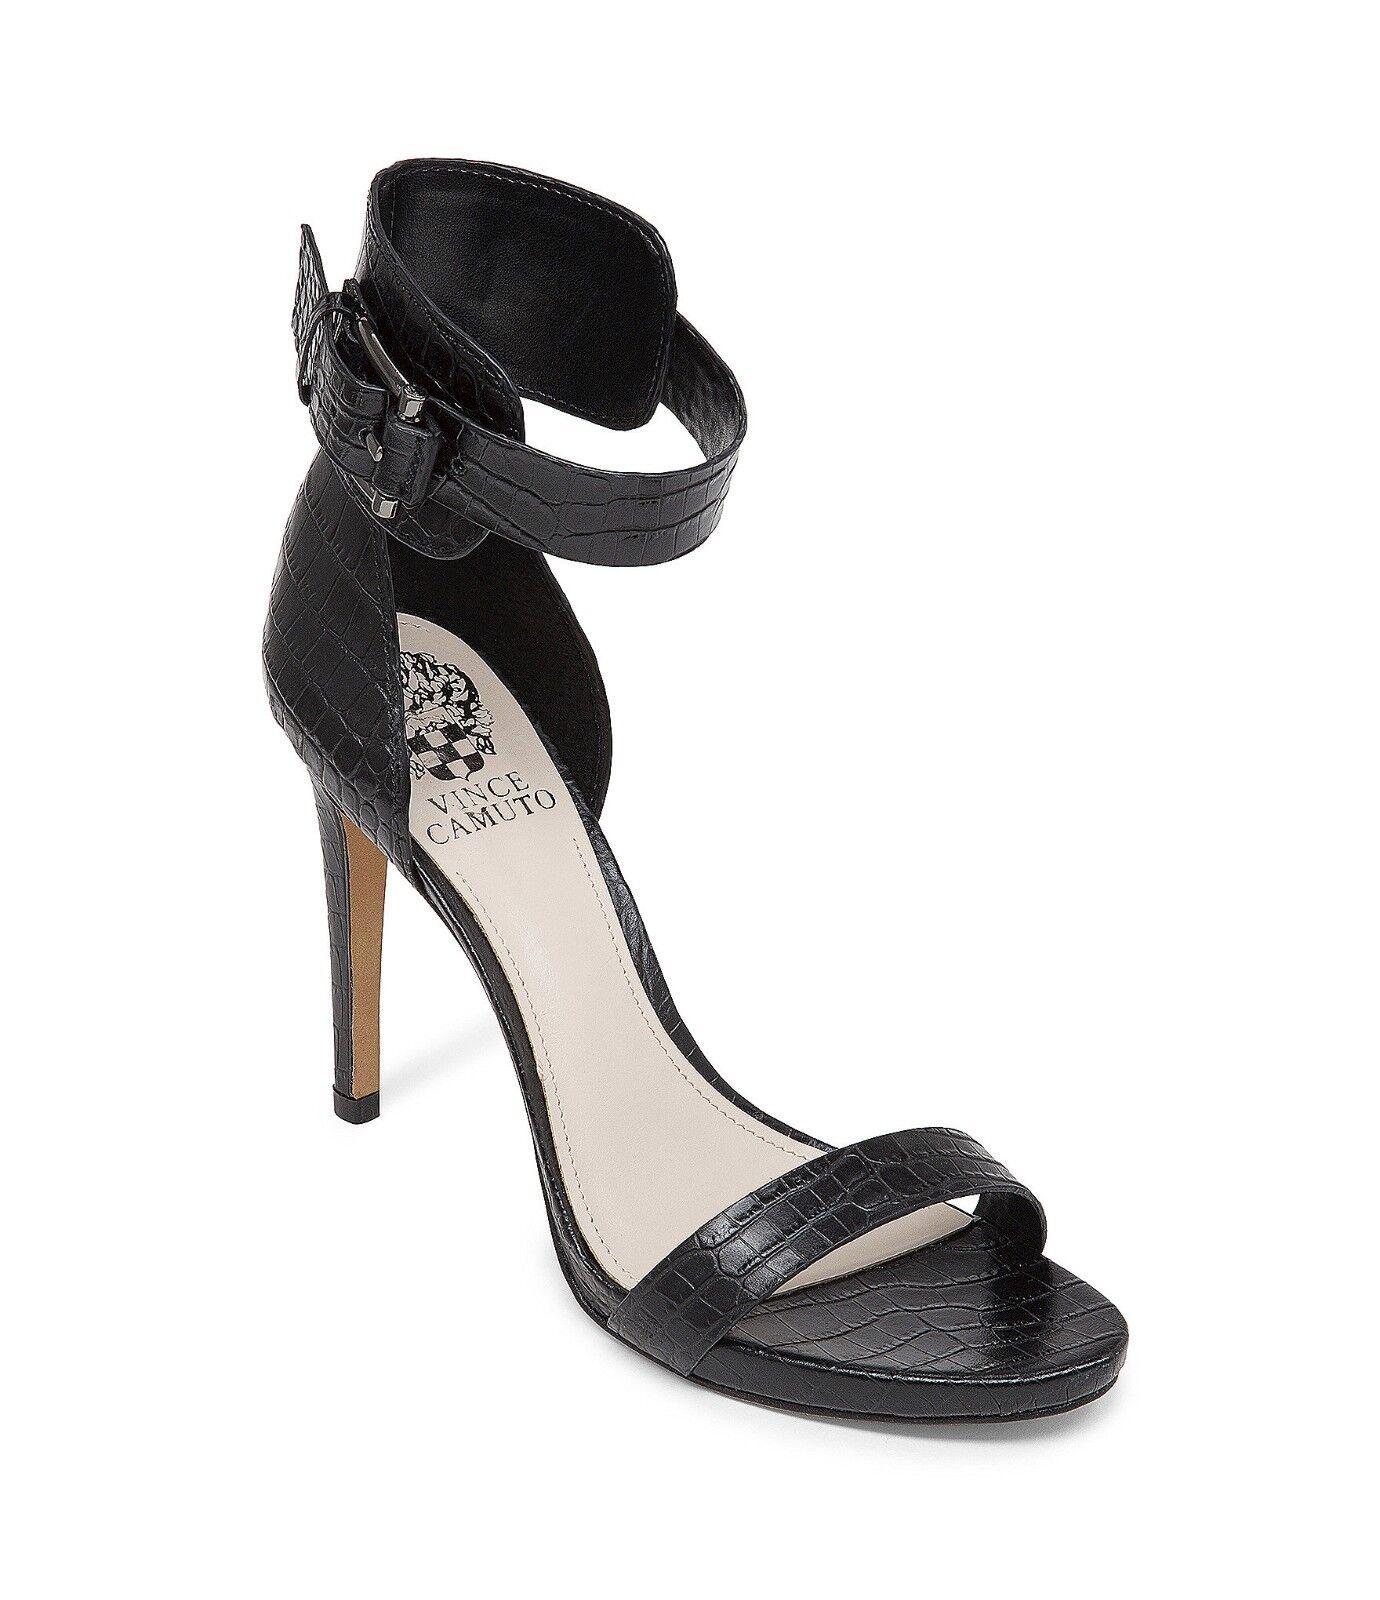 edizione limitata a caldo Vince Camuto Farella Dress Sandals donna Dimensiones 6-10 6-10 6-10 nero Smooth Croc VC-FARELLA  alta qualità generale